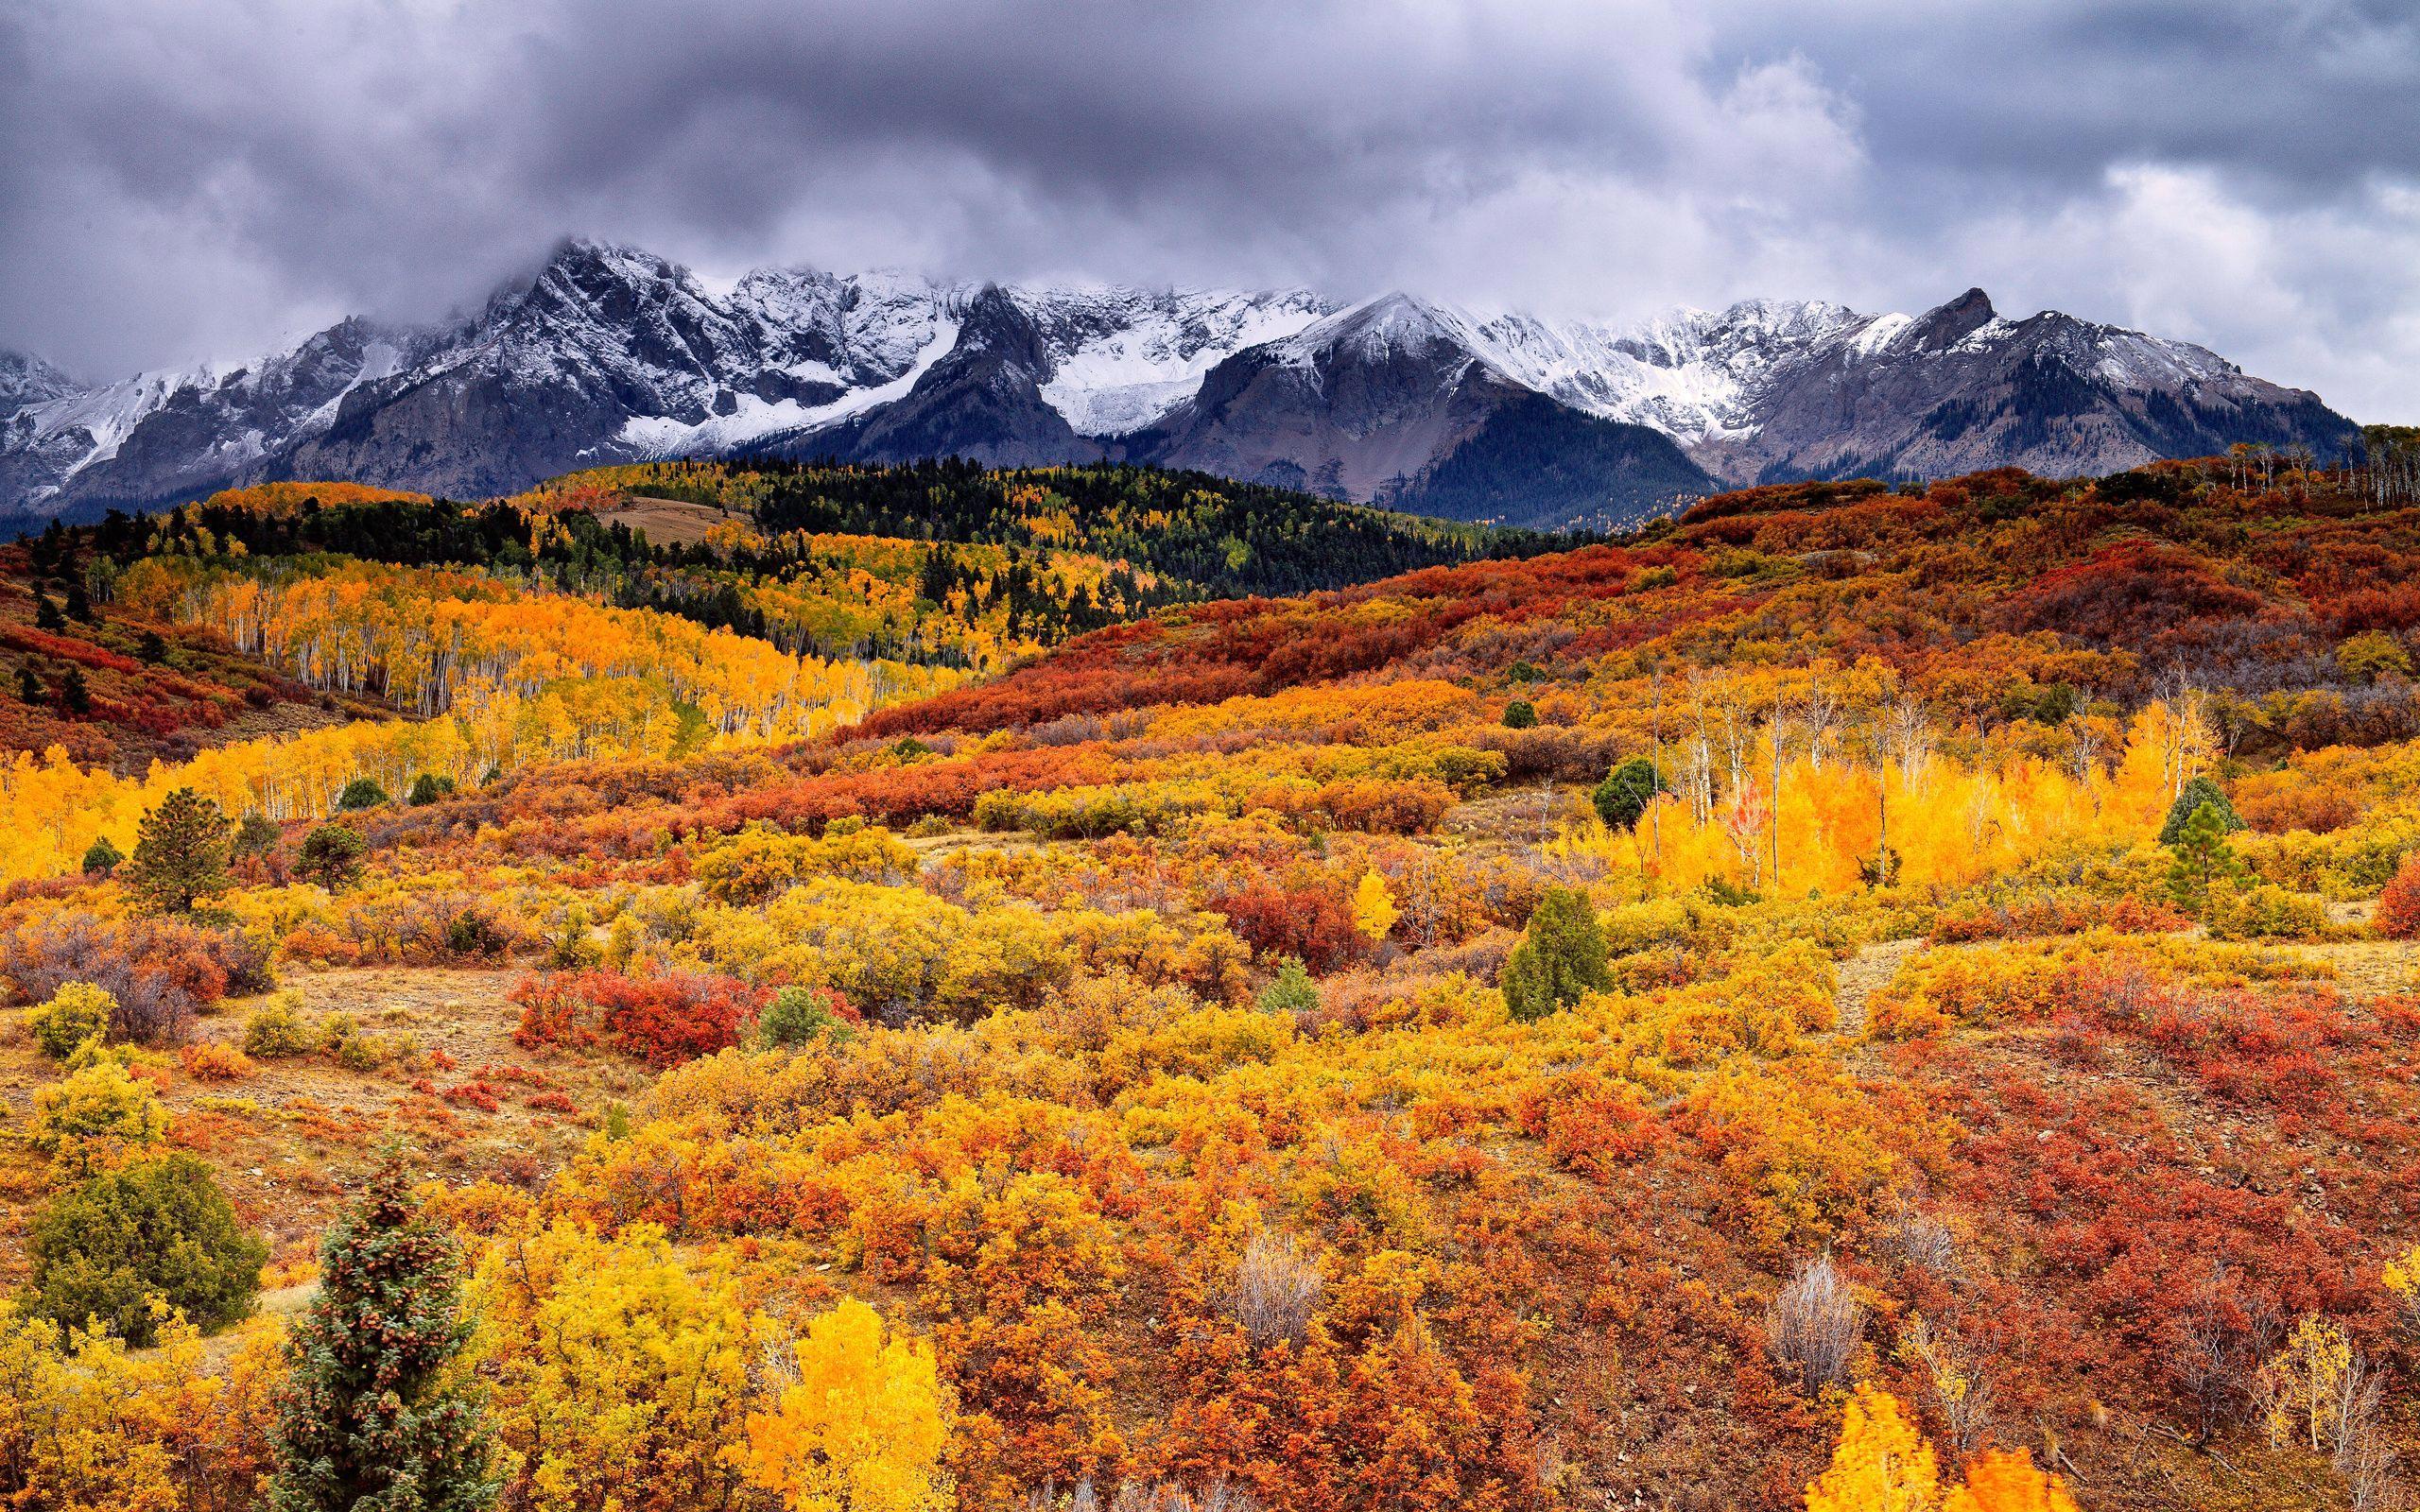 autumn nature hd